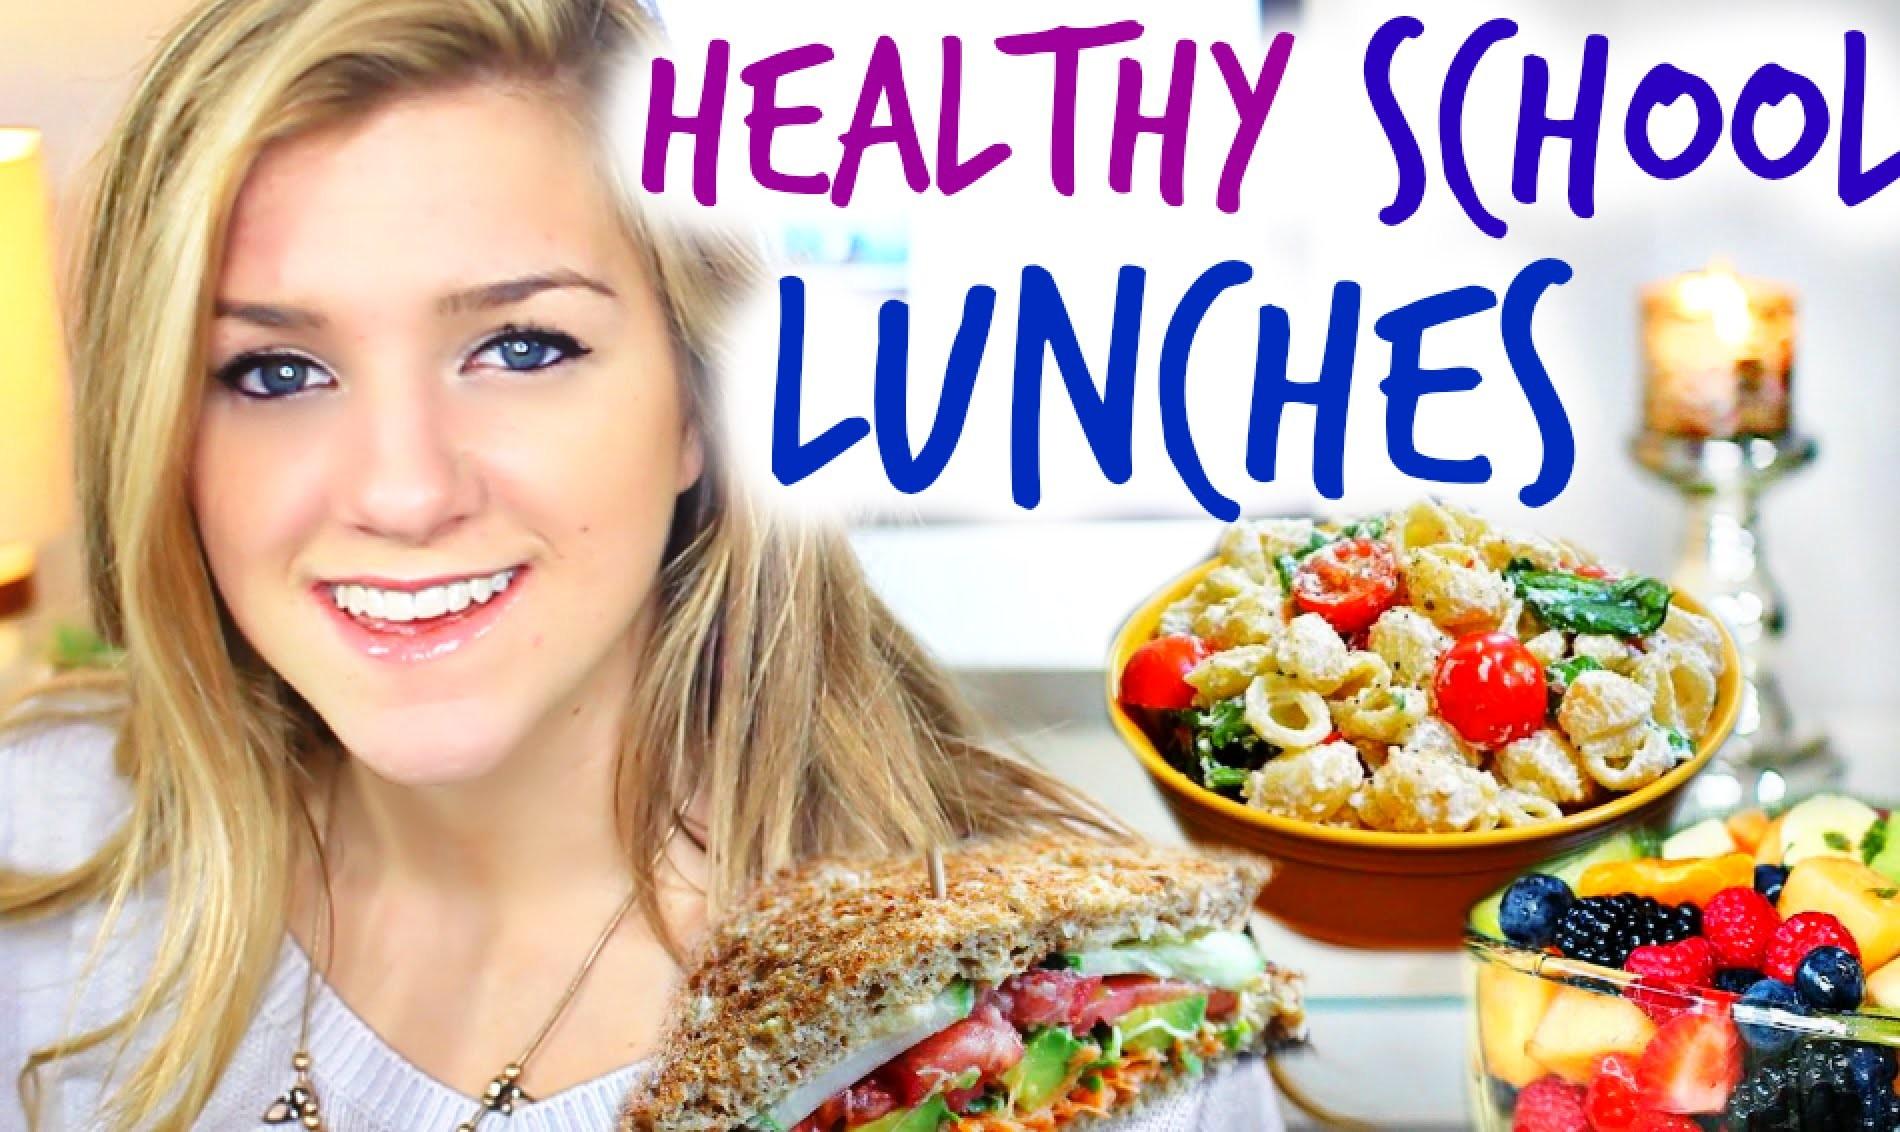 Easy & Healthy School Lunch Ideas!